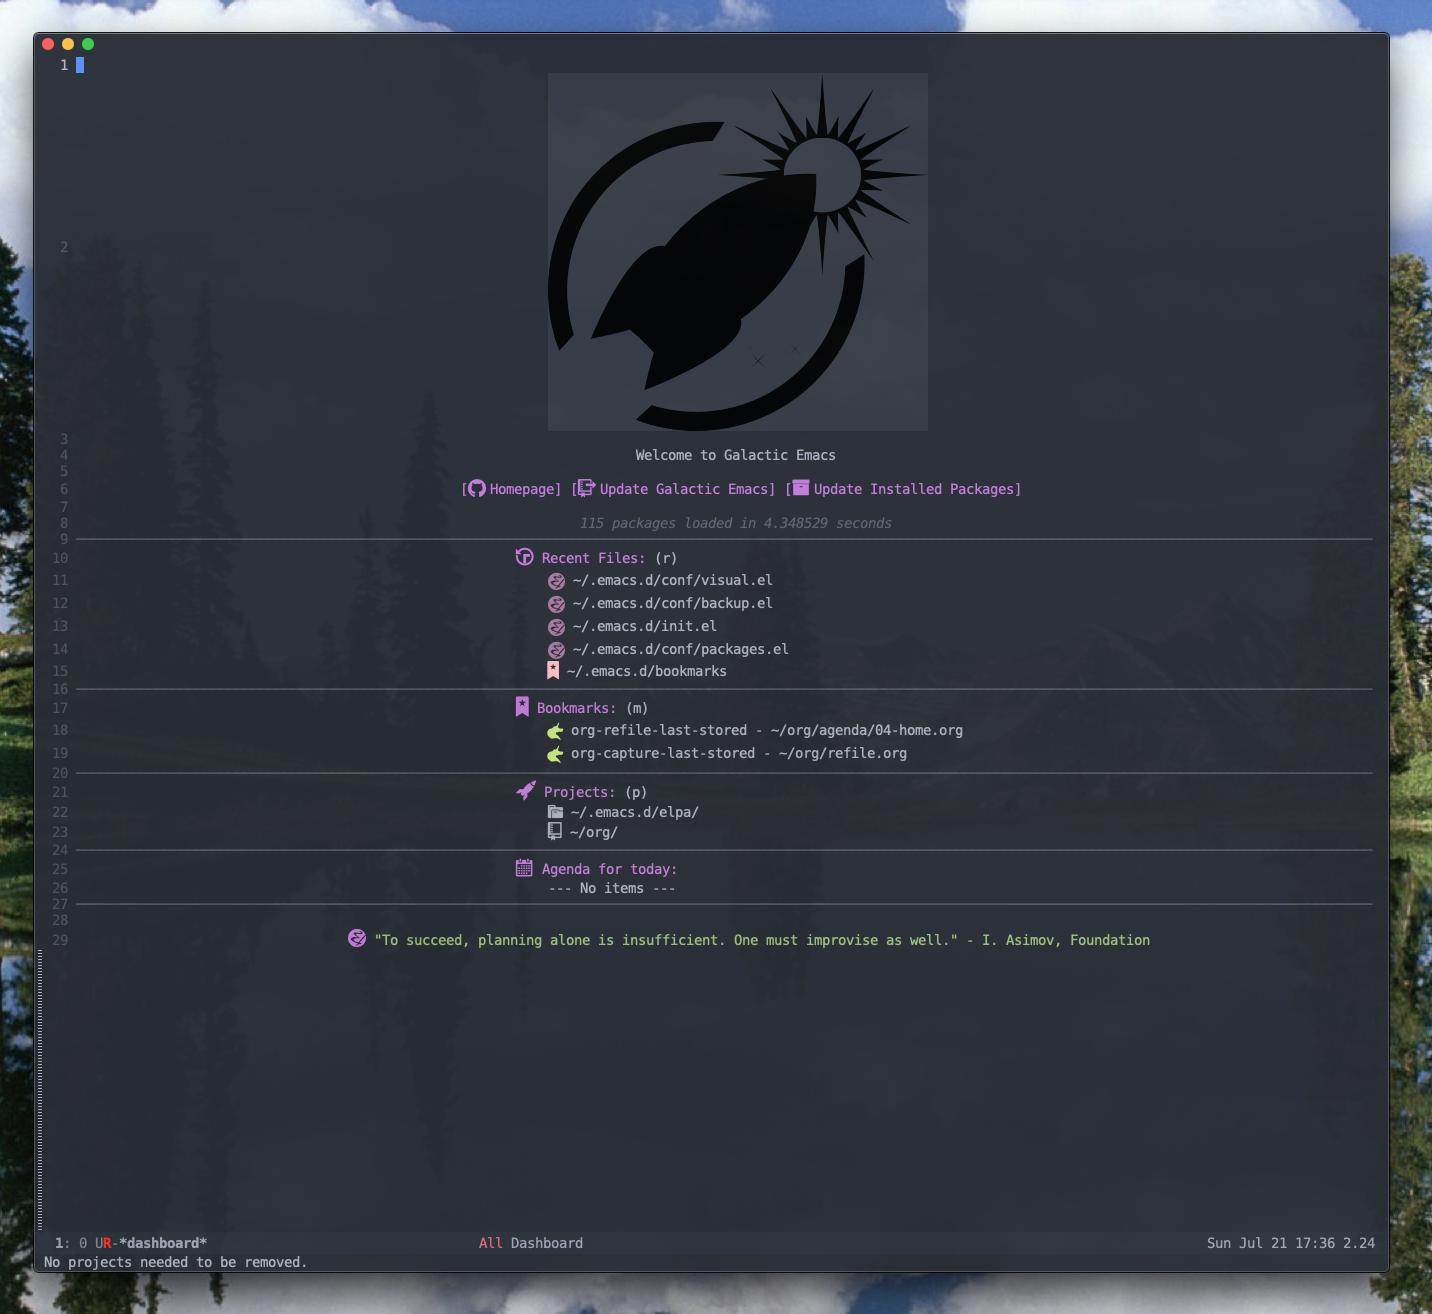 Emacs dashboard